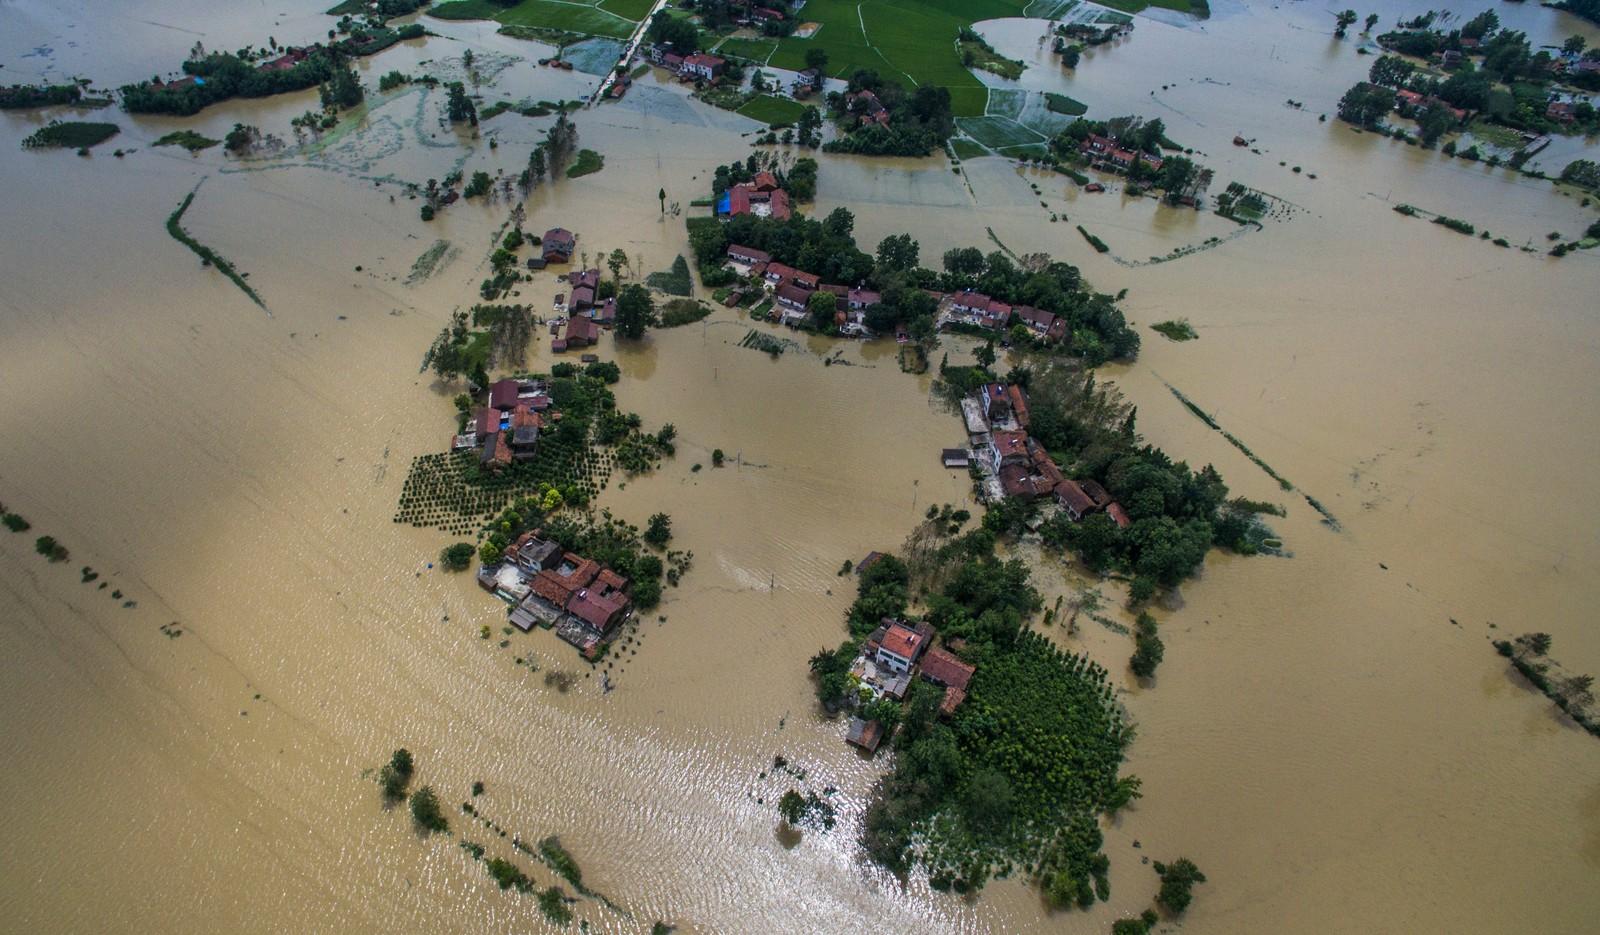 Hus og åkrer er delvis under vann i Gaoyang i Hubei-provinsen. Flere titalls er døde eller savnet siden flommen begynte mandag